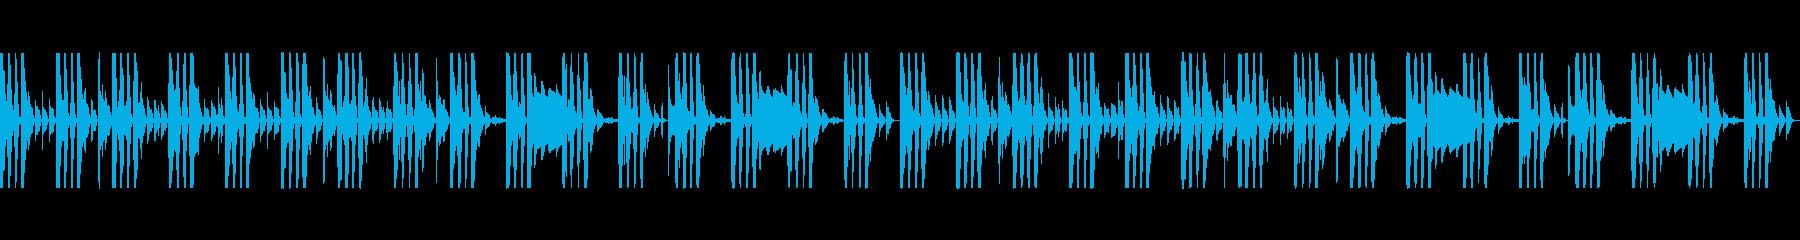 【ループ可】Futurebassインストの再生済みの波形